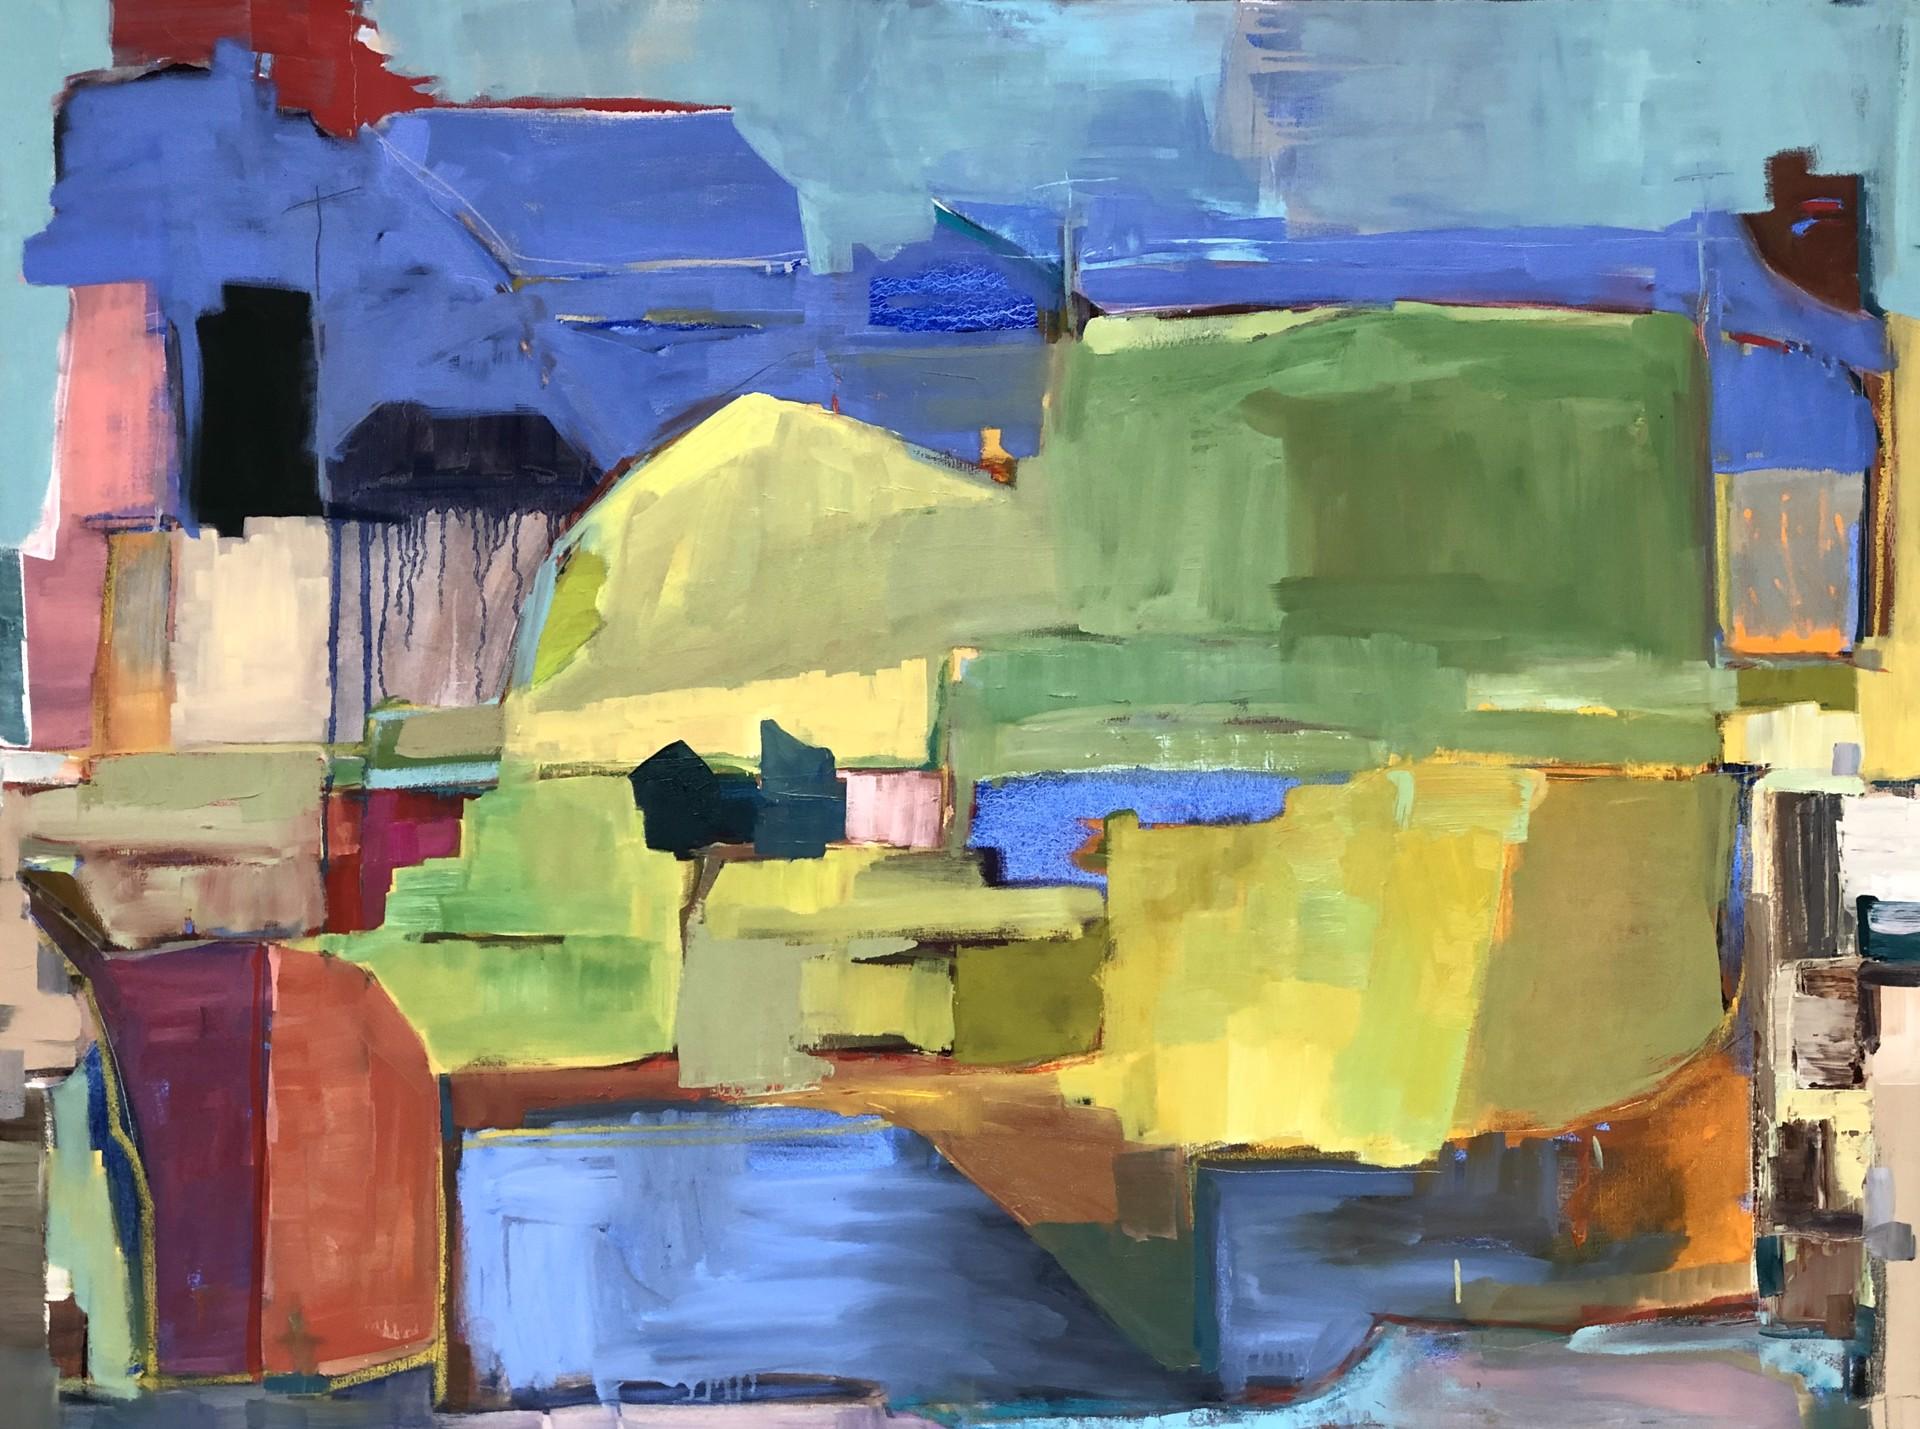 Abstract Landscape 11 by stevenpage prewitt